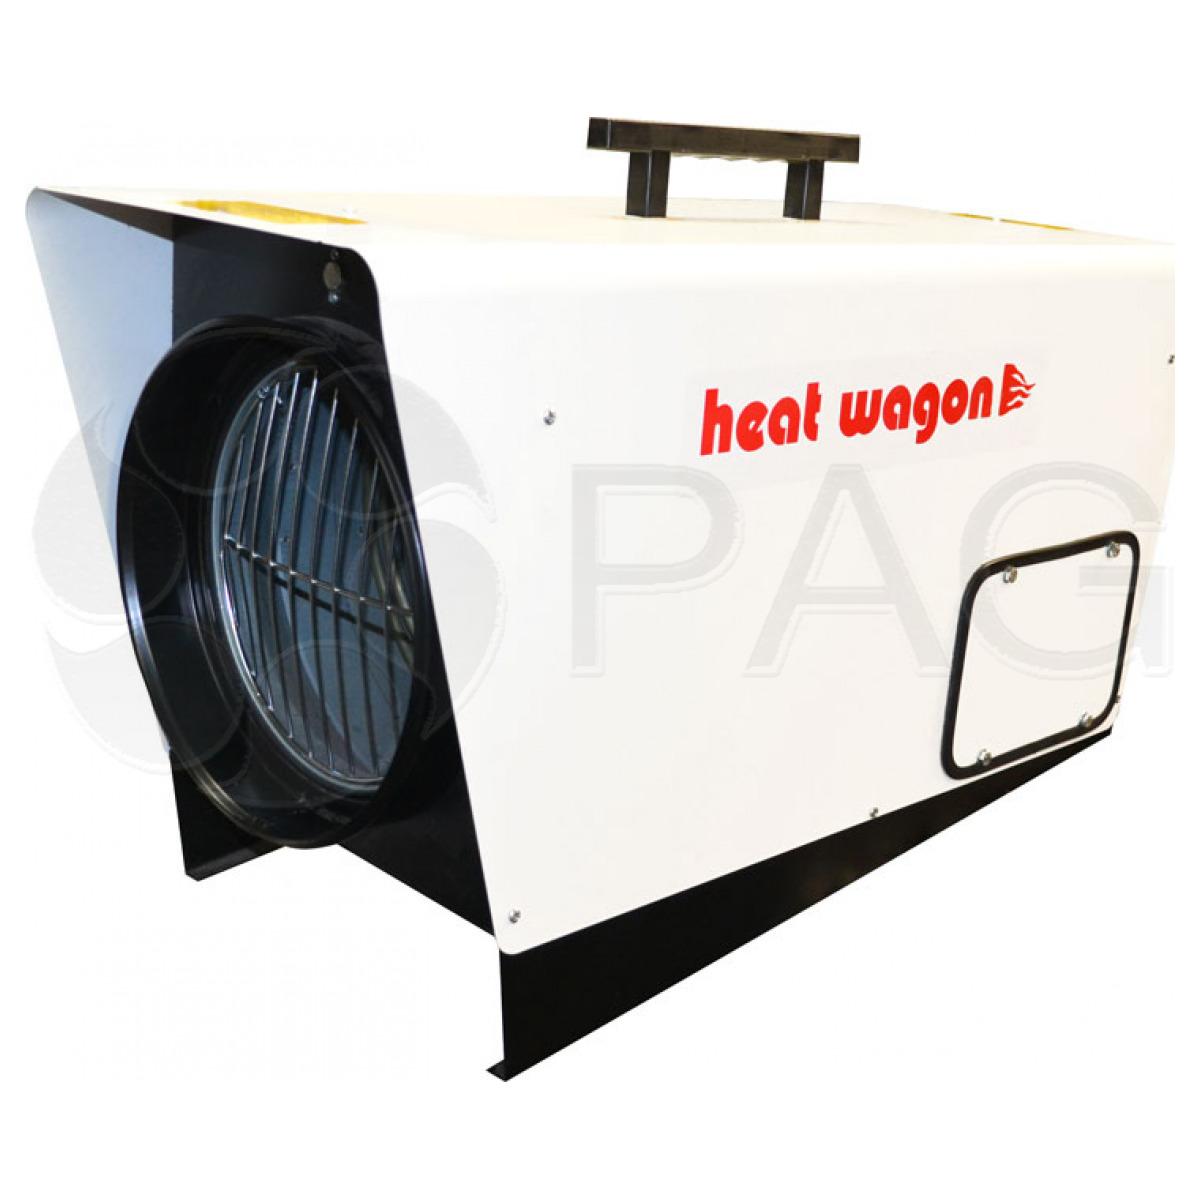 Heat Wagon P1800-1, P1800-3, P1800D - electric heater